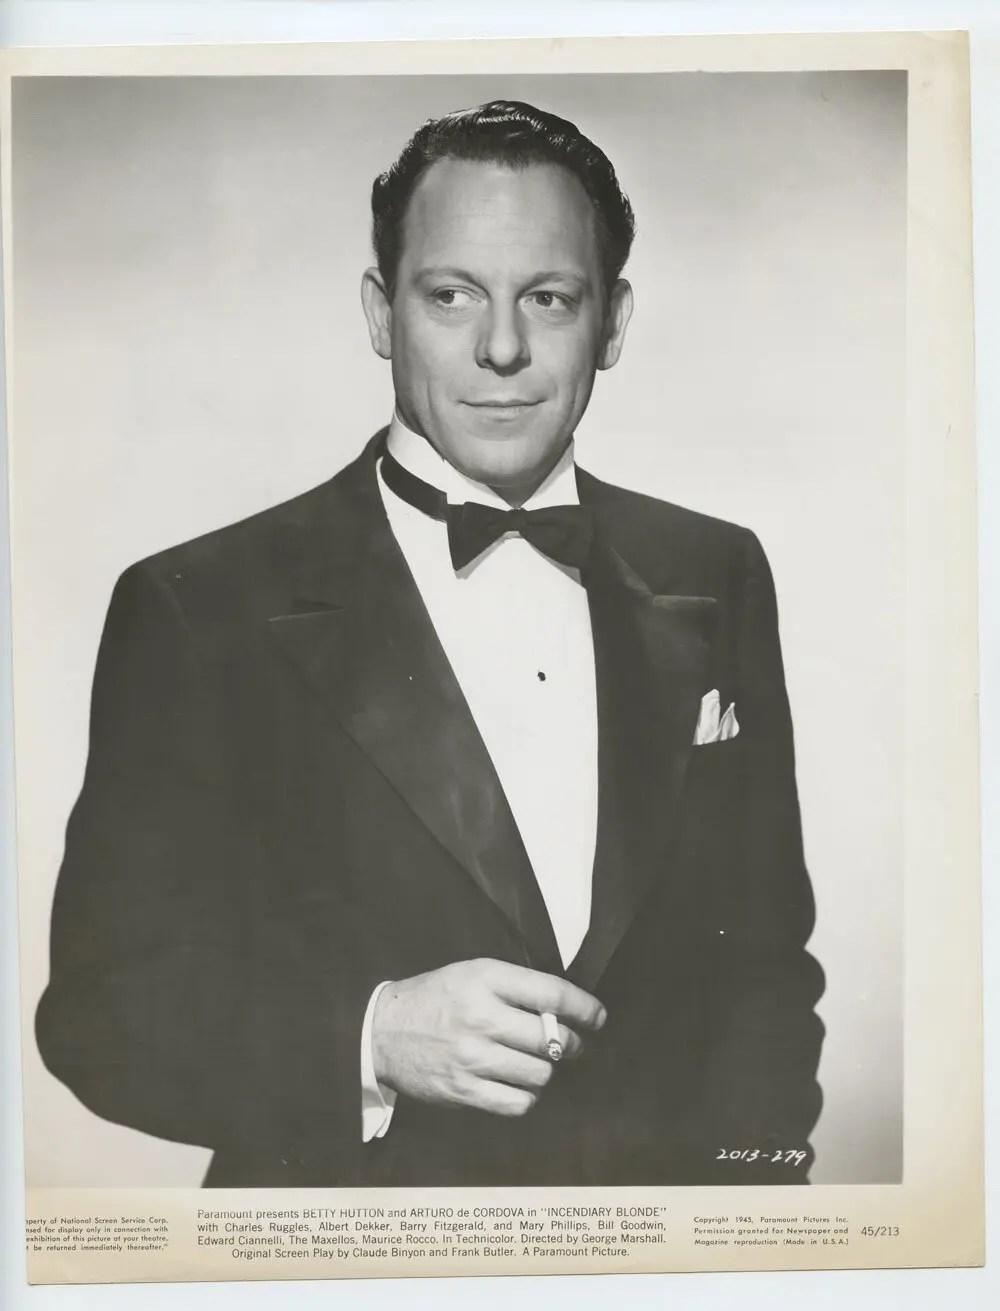 Arturo de Córdova Photo 1944 Incendiary Blonde